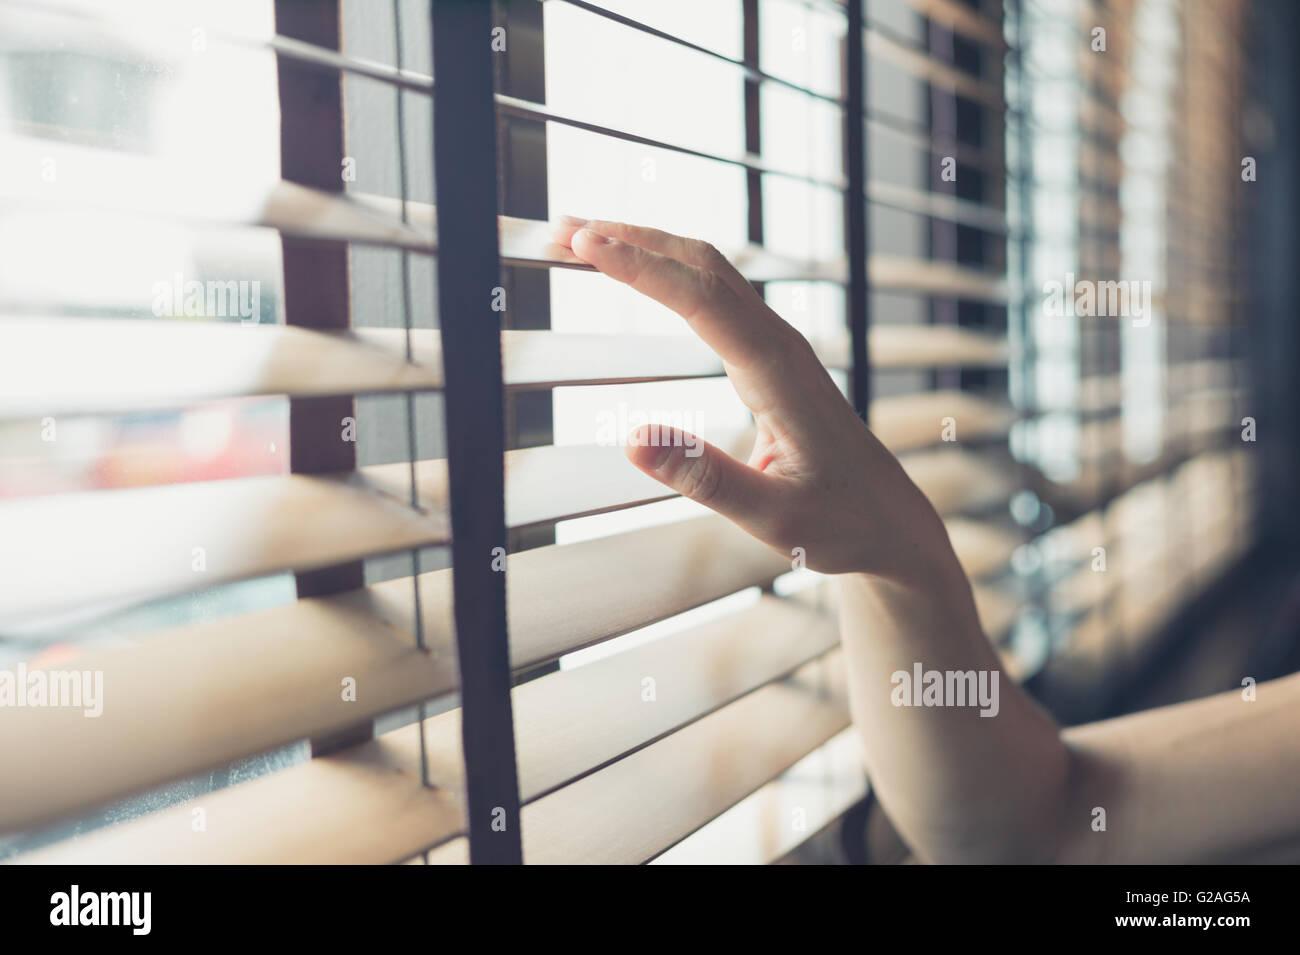 Una joven mano es tocar unas persianas venecianas por la ventana Foto de stock